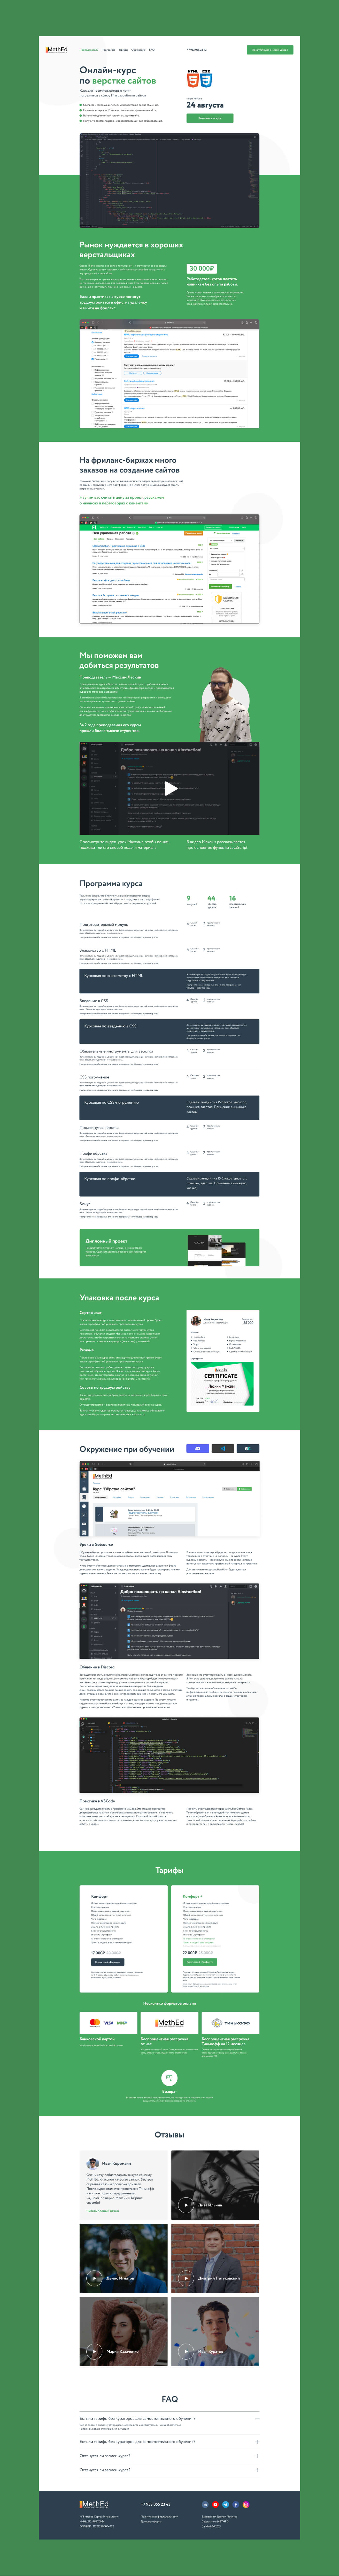 Дизайн сайта для курса по вёрстке 5